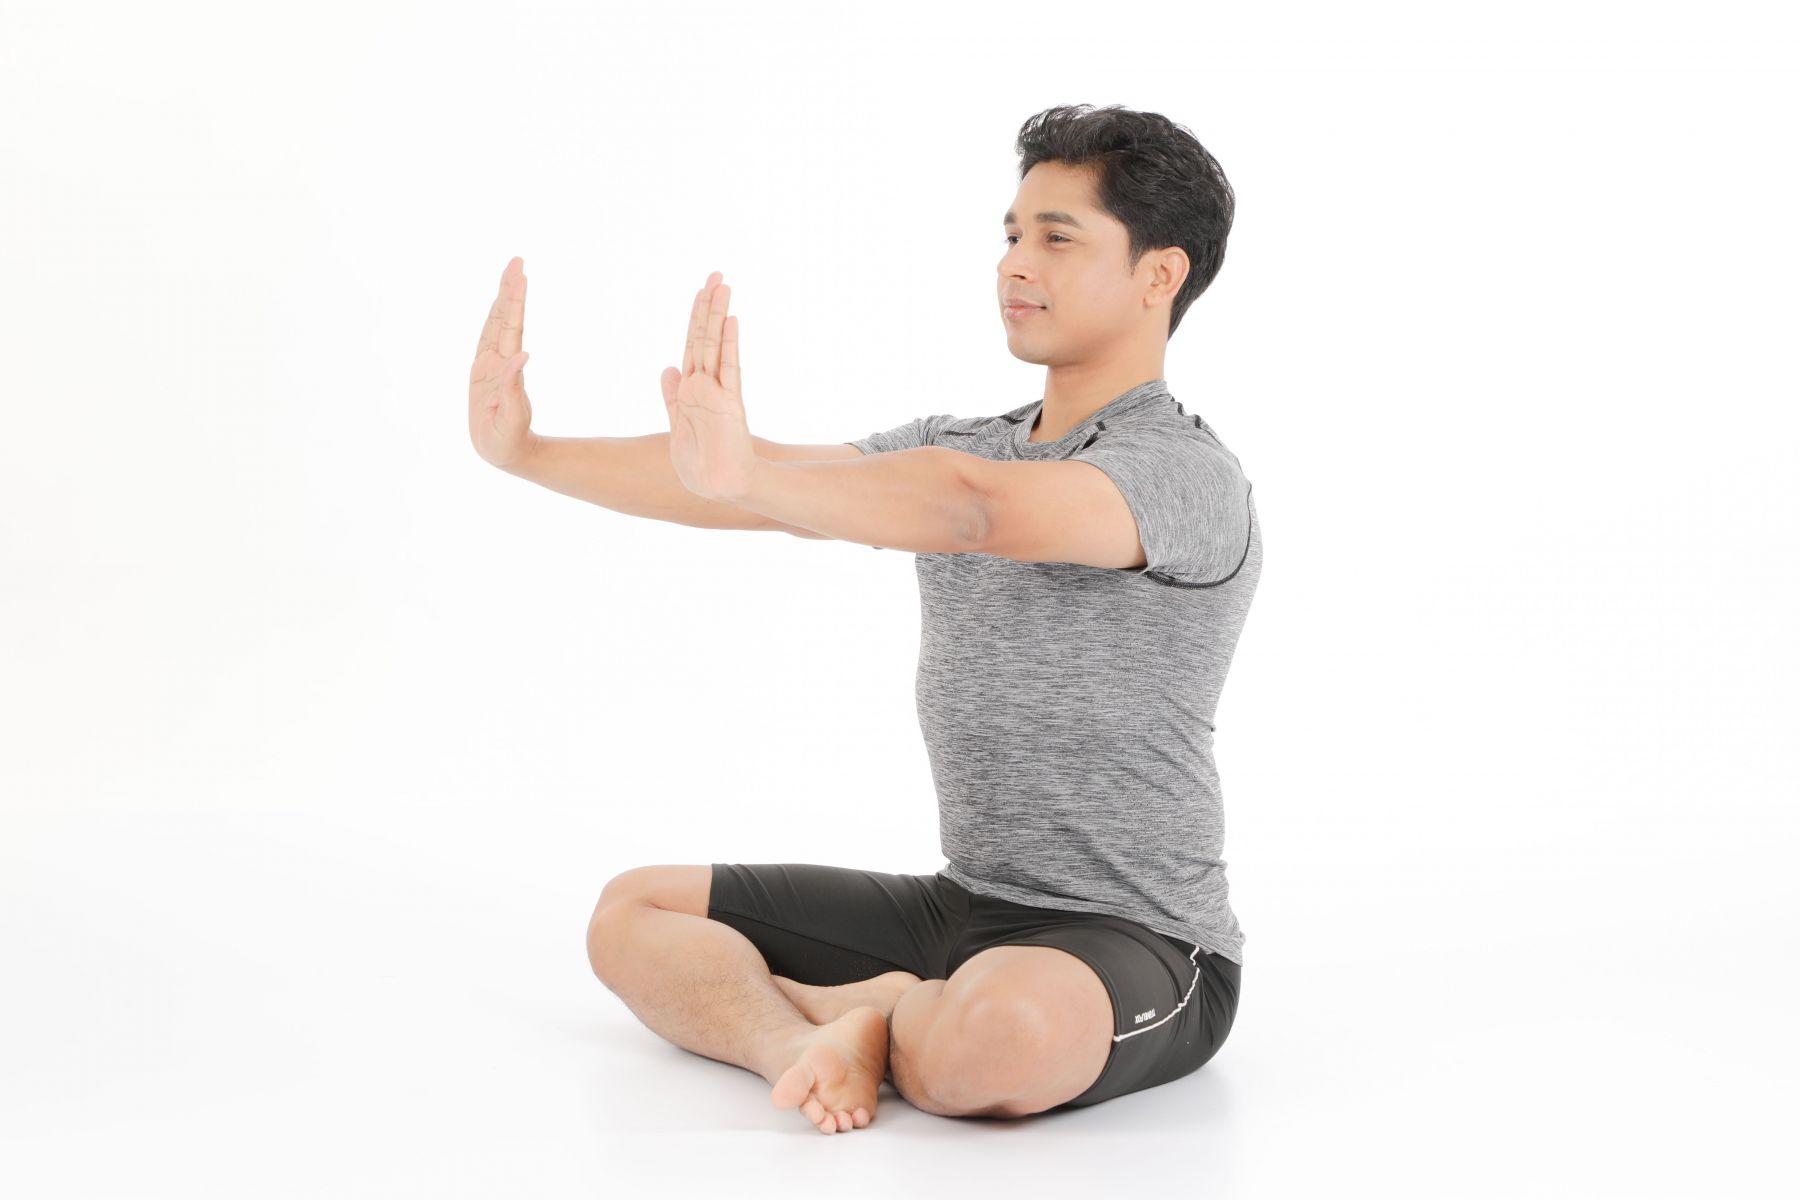 配合吸吐,自手腕關節儘可能以最大弧度向上豎起手掌,再朝下彎曲,交互動作。